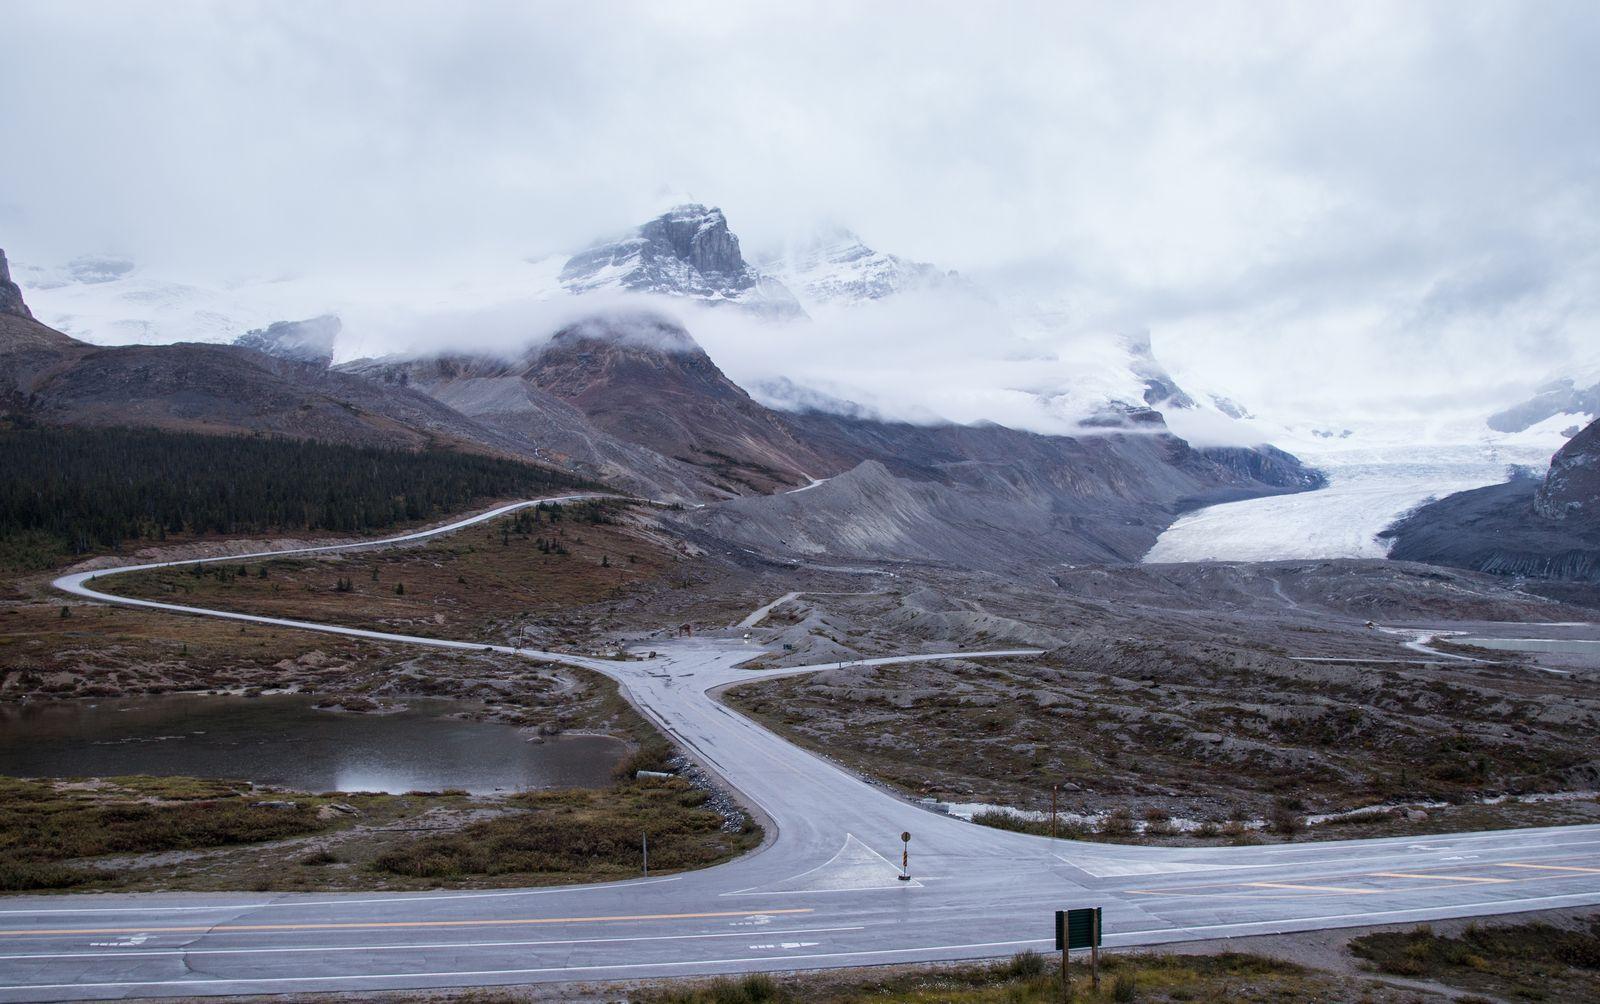 Así amanece el Athabasca Glacier frente al hotel